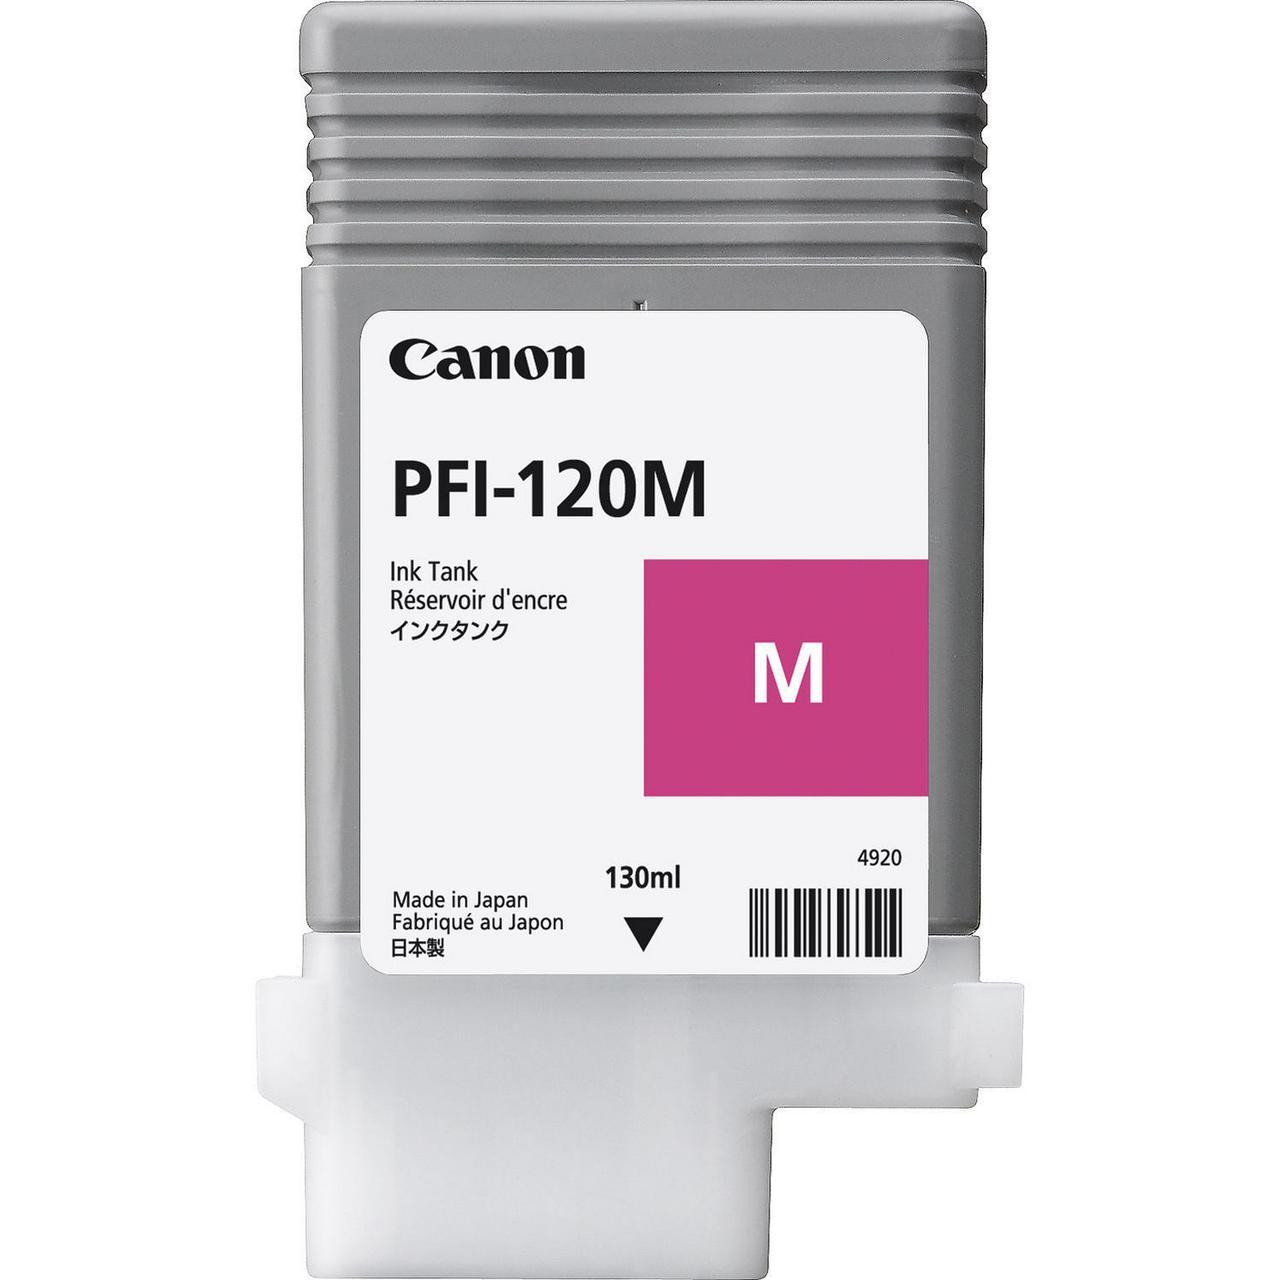 Картридж Canon PFI-120M для TM-200/300, Magenta, 130 мл